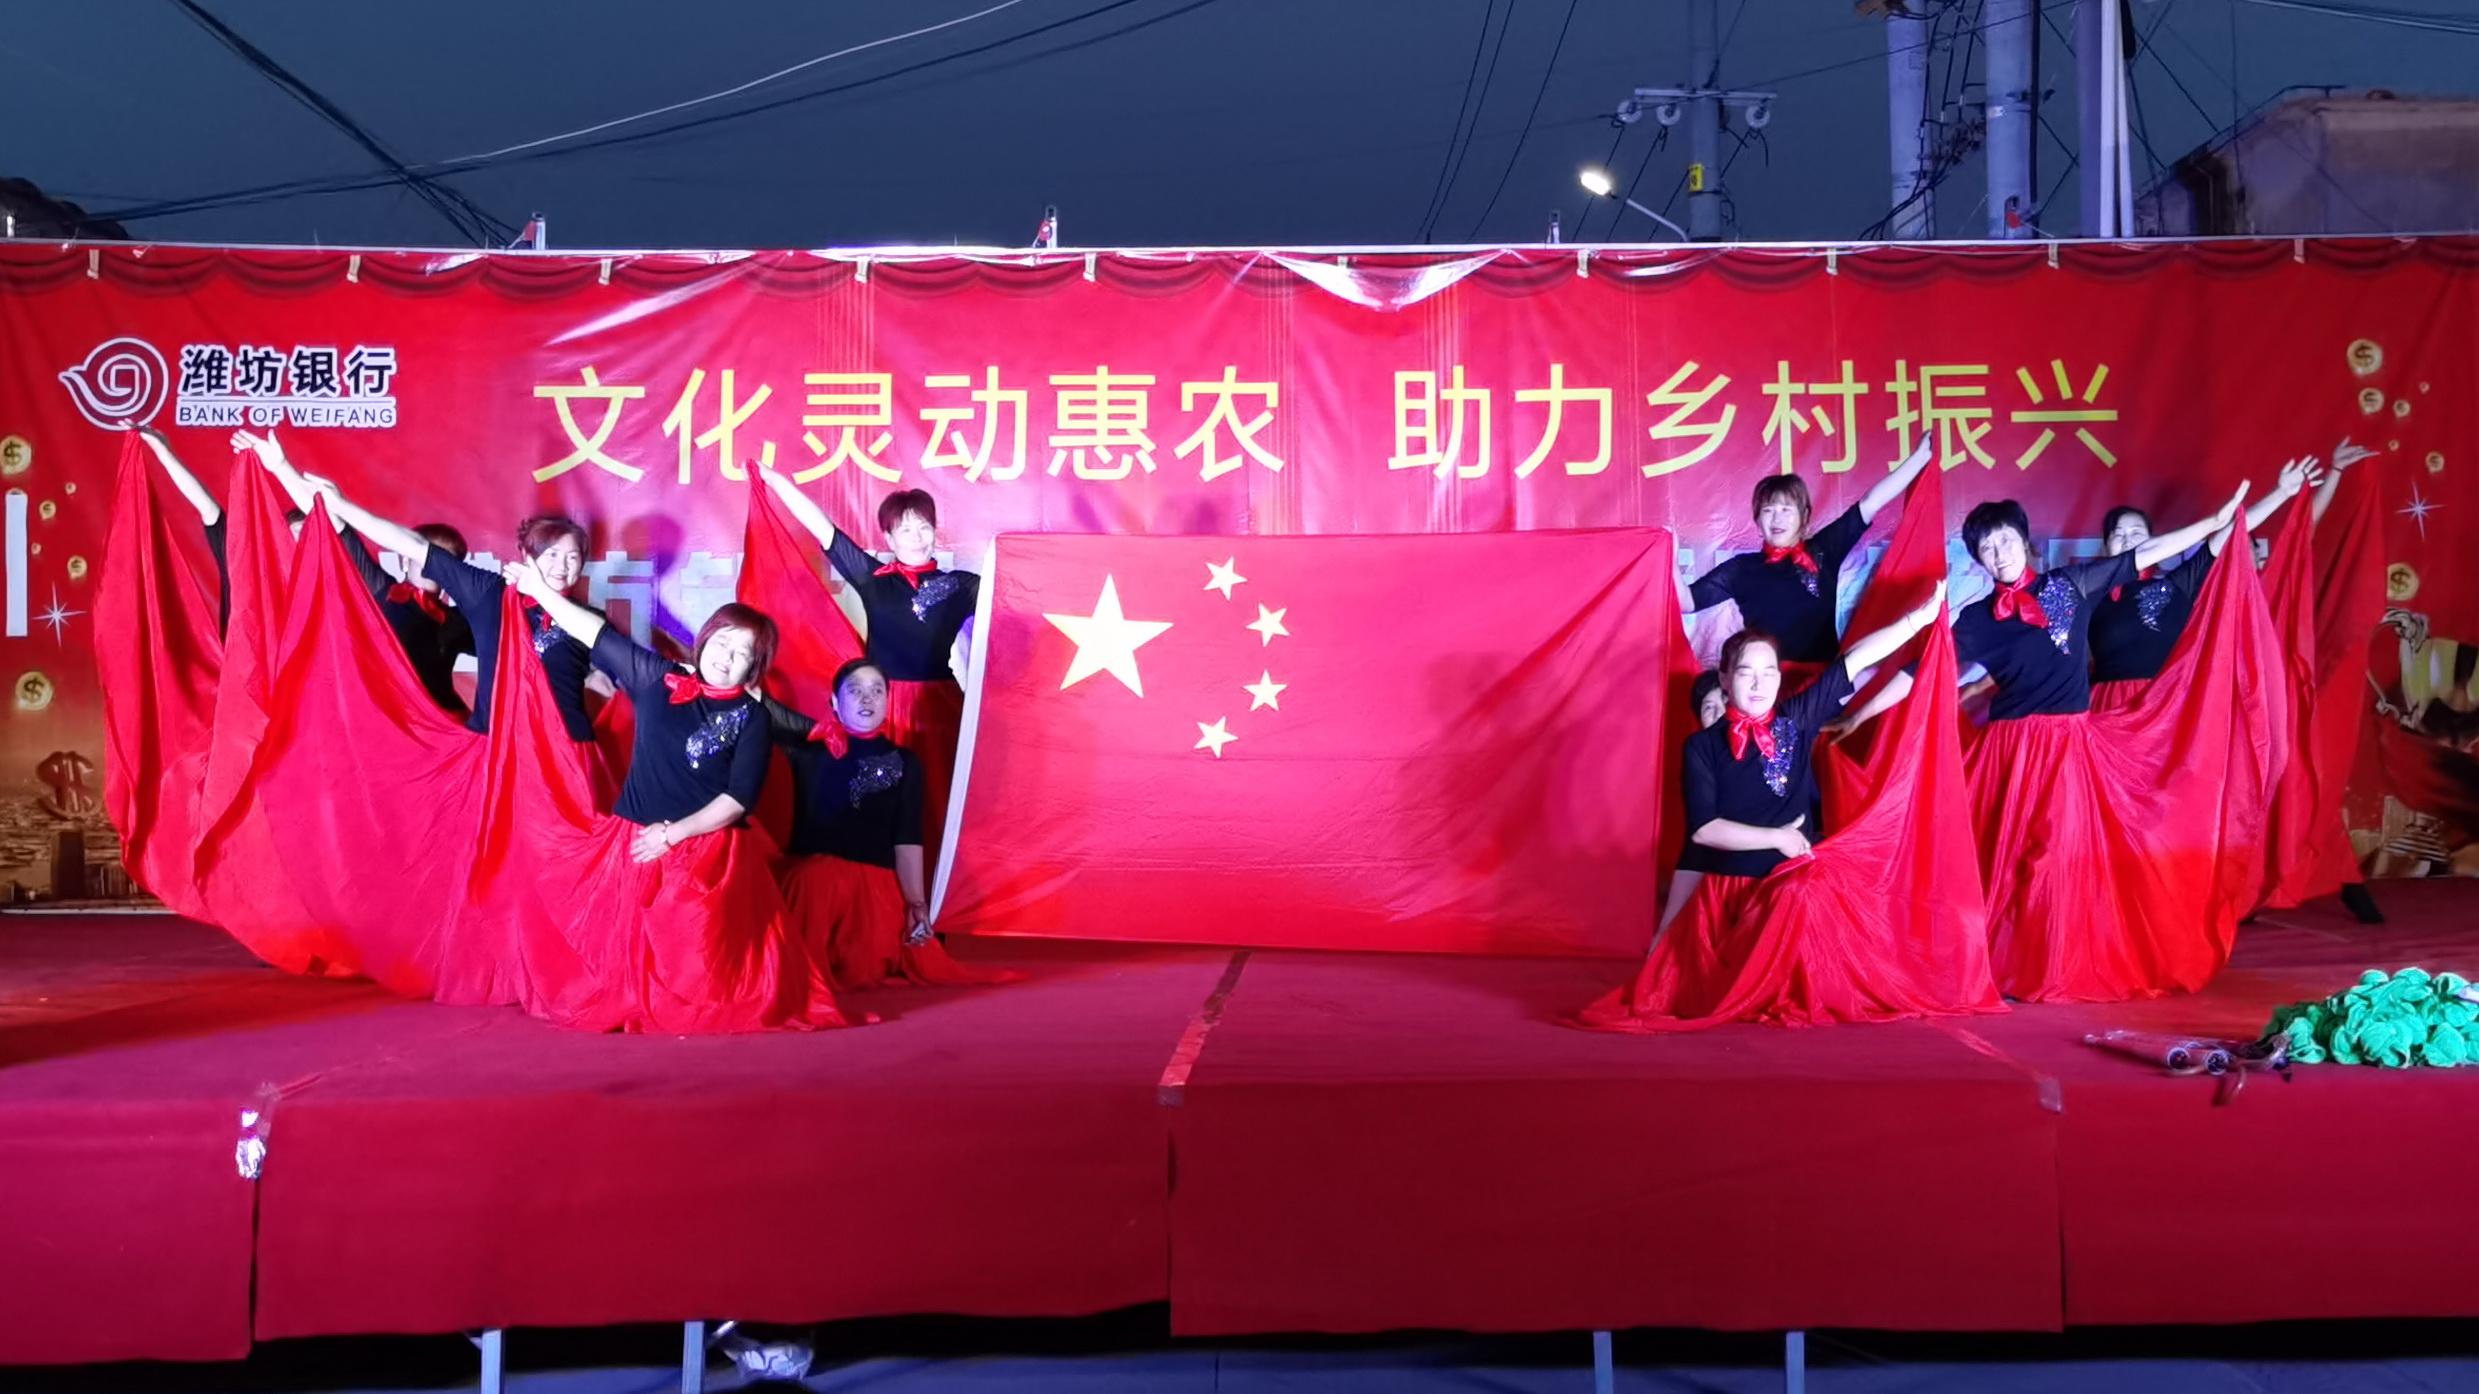 """传承红色精神 助力乡村振兴丨潍坊银行首届""""惠农节""""如火如荼"""